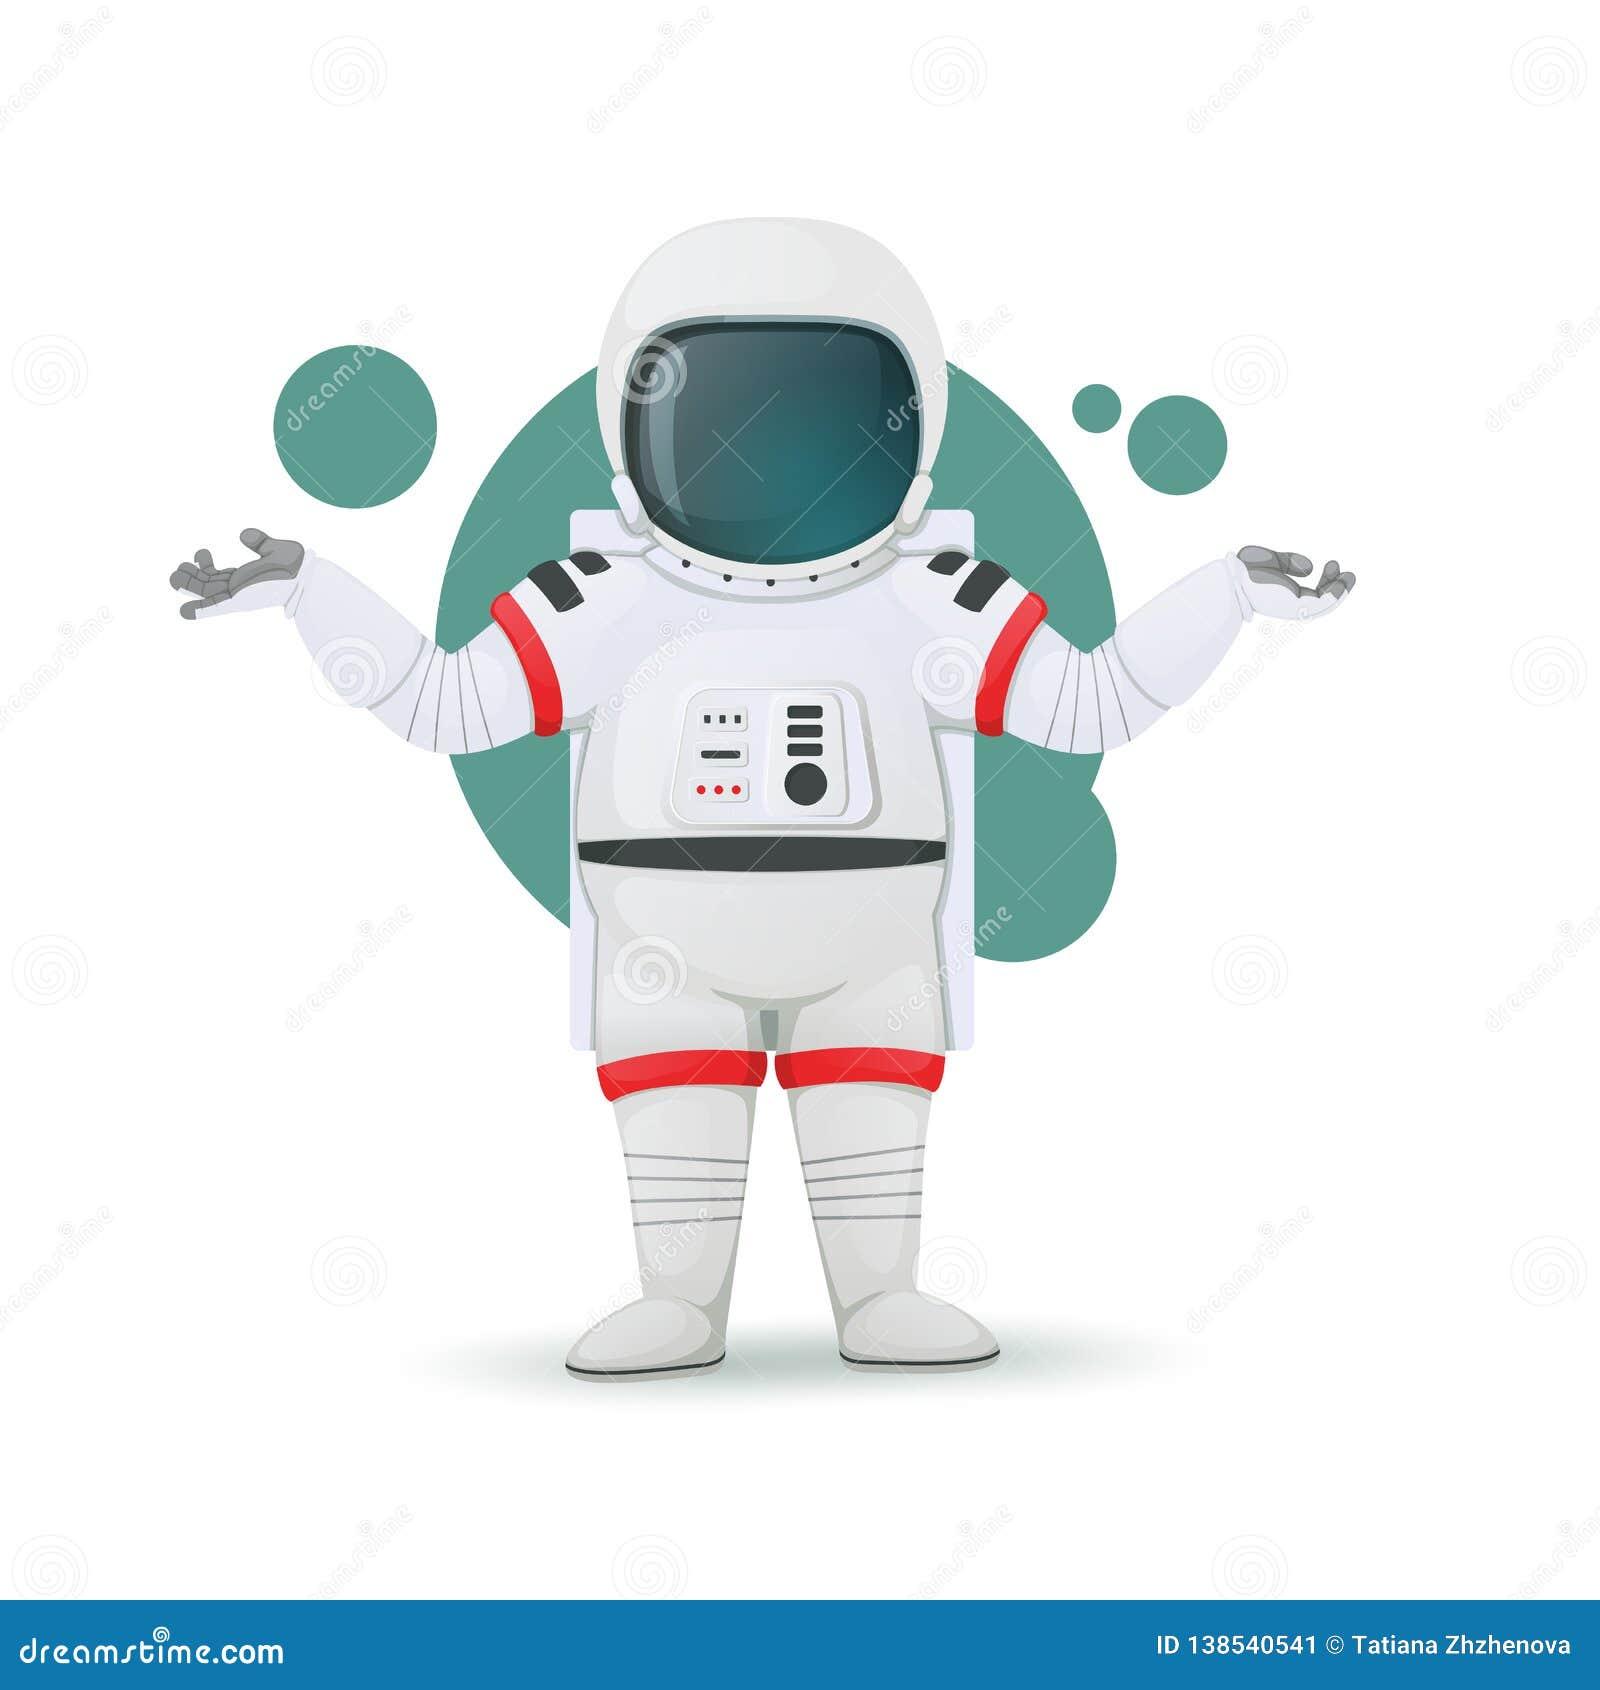 Ο αστροναύτης απαξιεί την παρουσίαση της αμφιβολίας, της σύγχυσης ή έλλειψης γνώσης Μπερδεμένη έκφραση ανασκόπησης ευτυχές κεφάλι